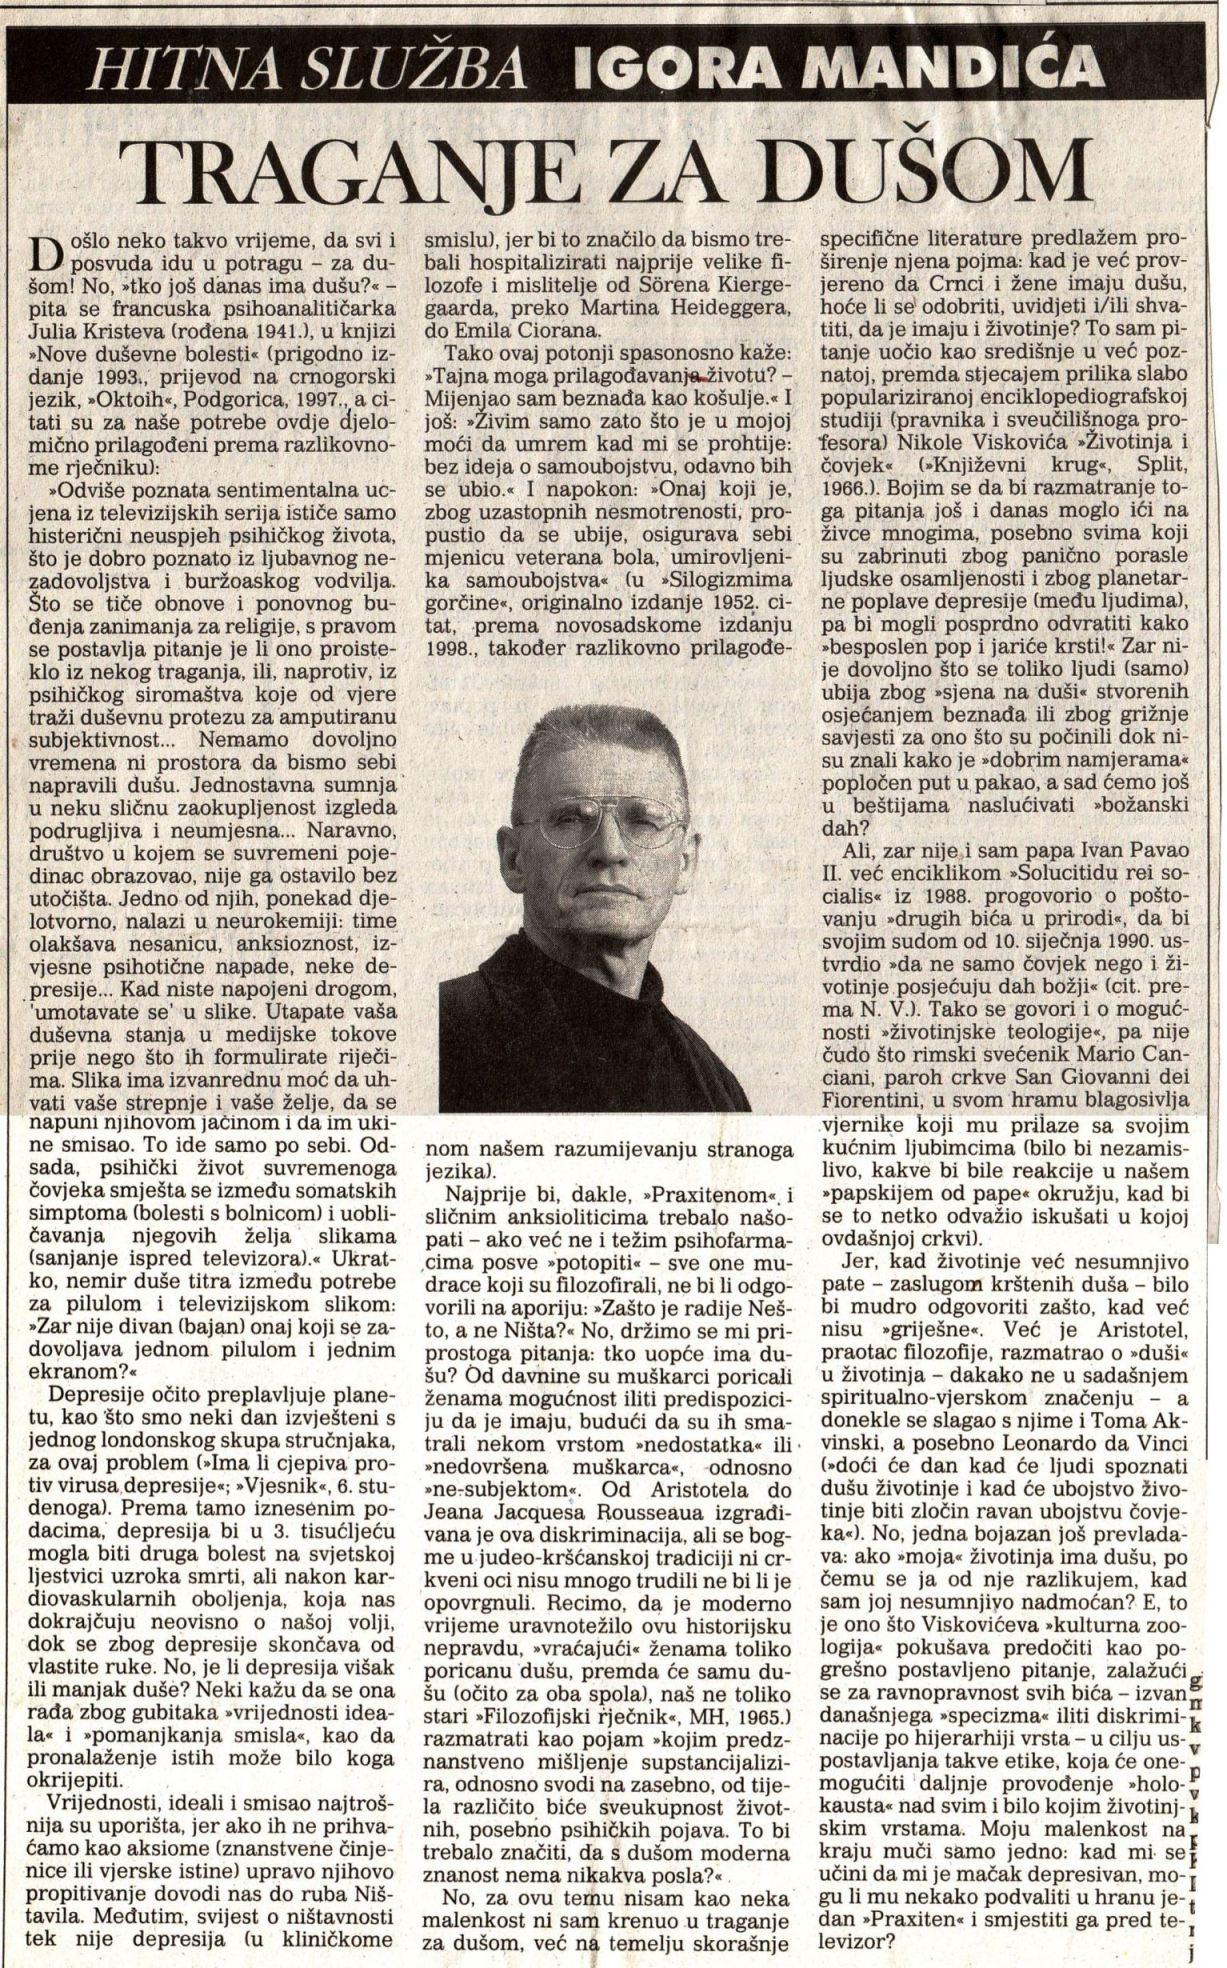 VJESNIK, 11. 11.1999.